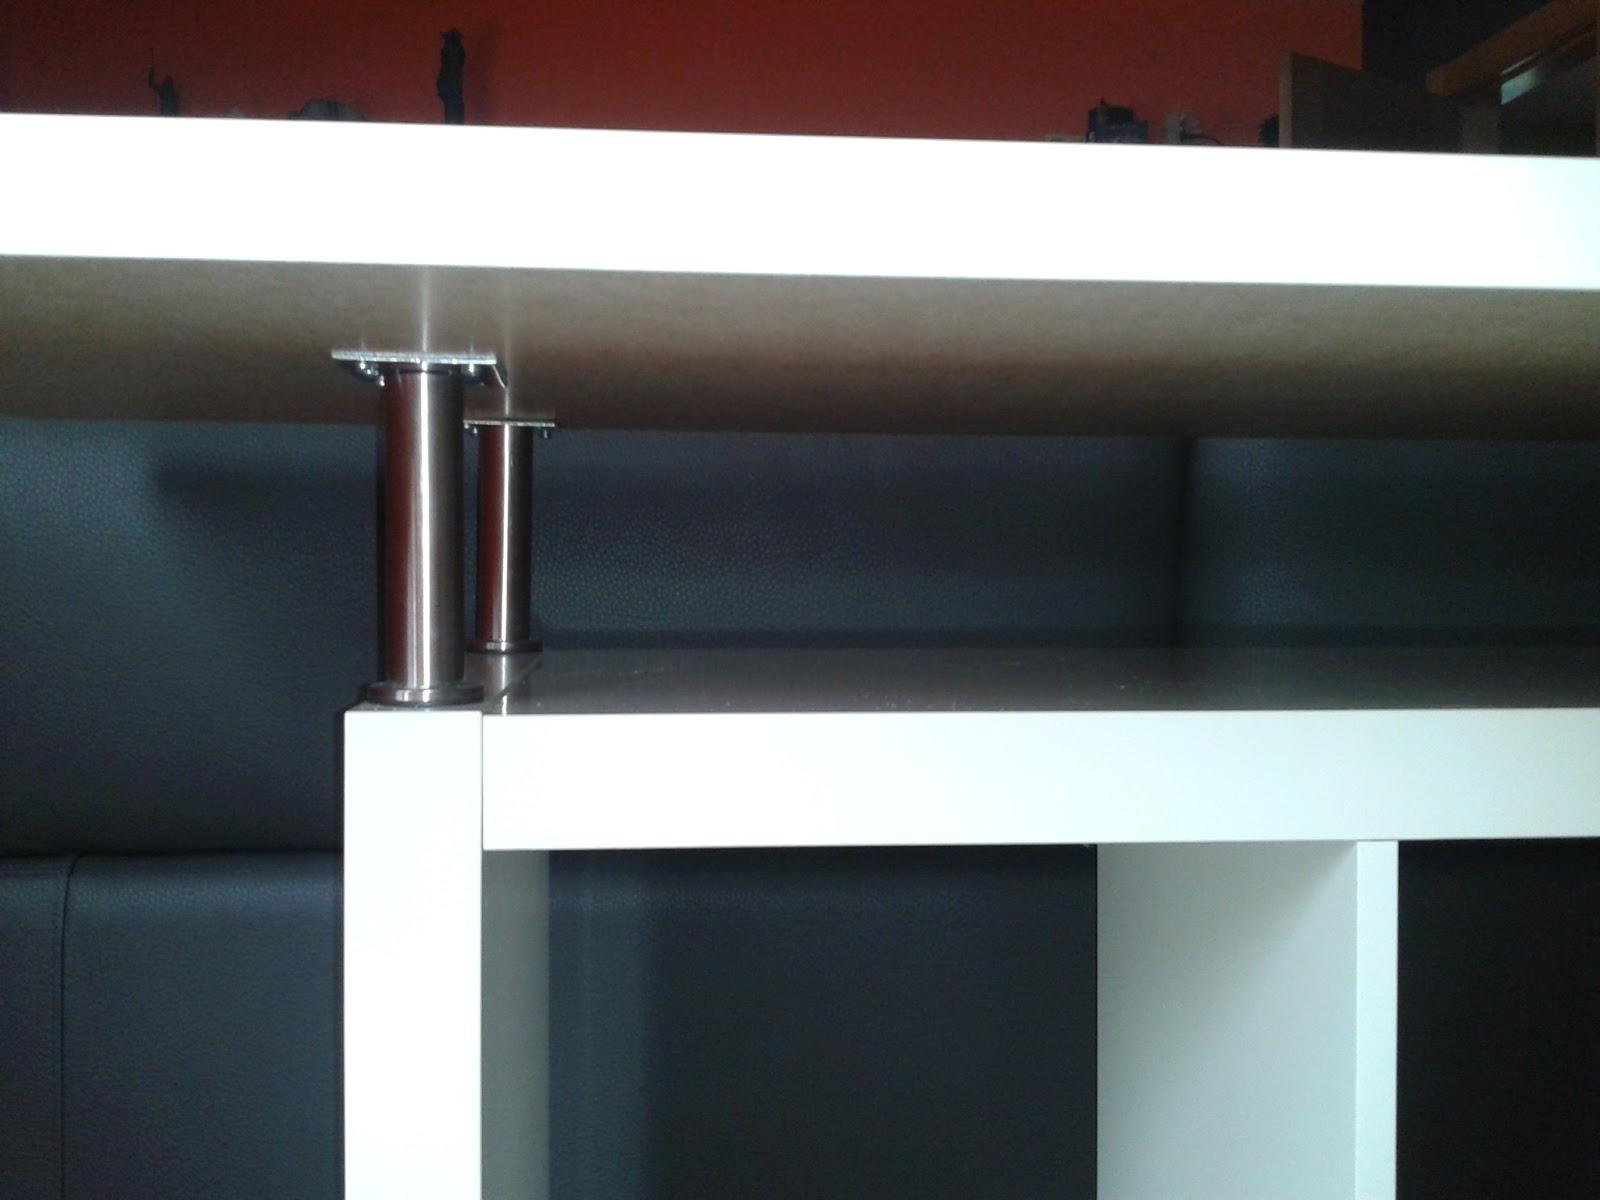 Una barra de bar en el sal n con expedit mi llave allen for Bar movil de madera